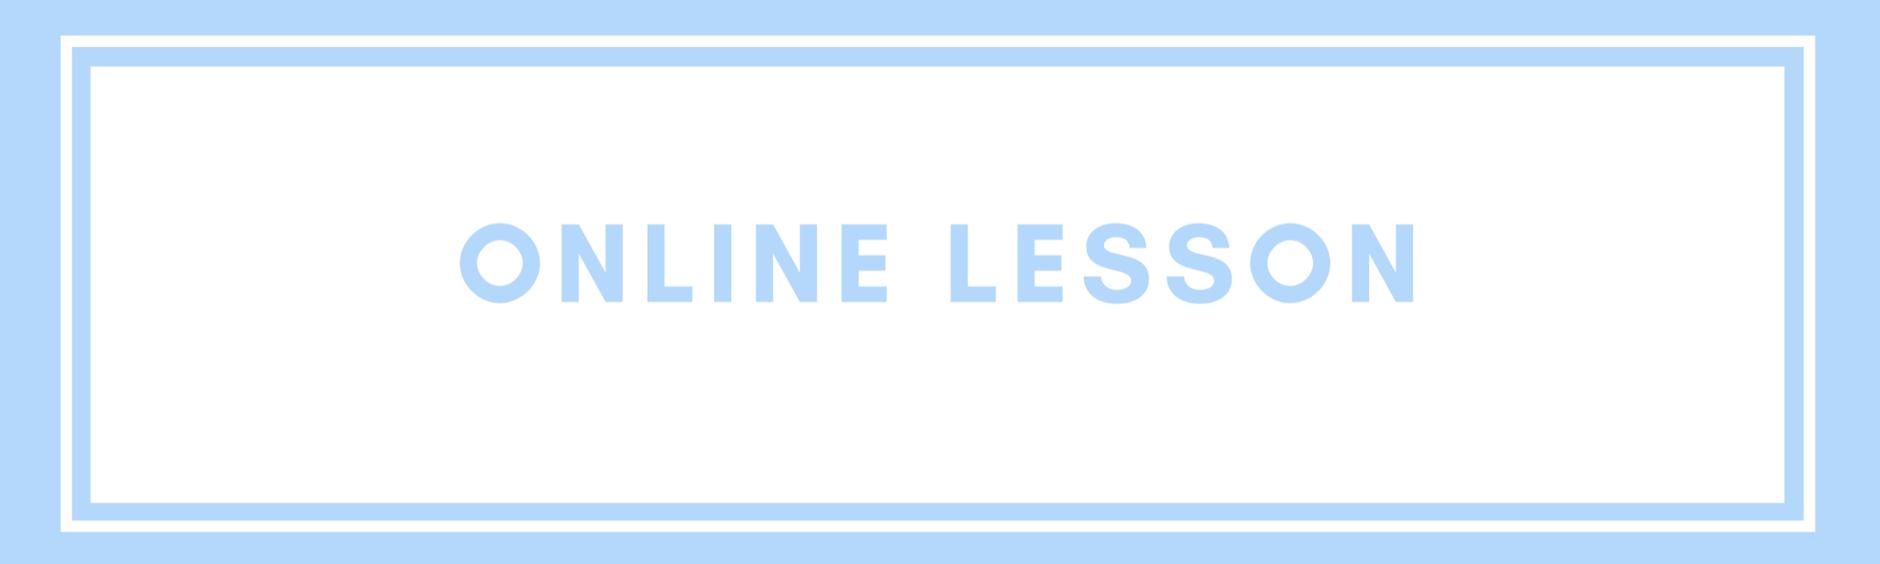 blue ONLINE lesson